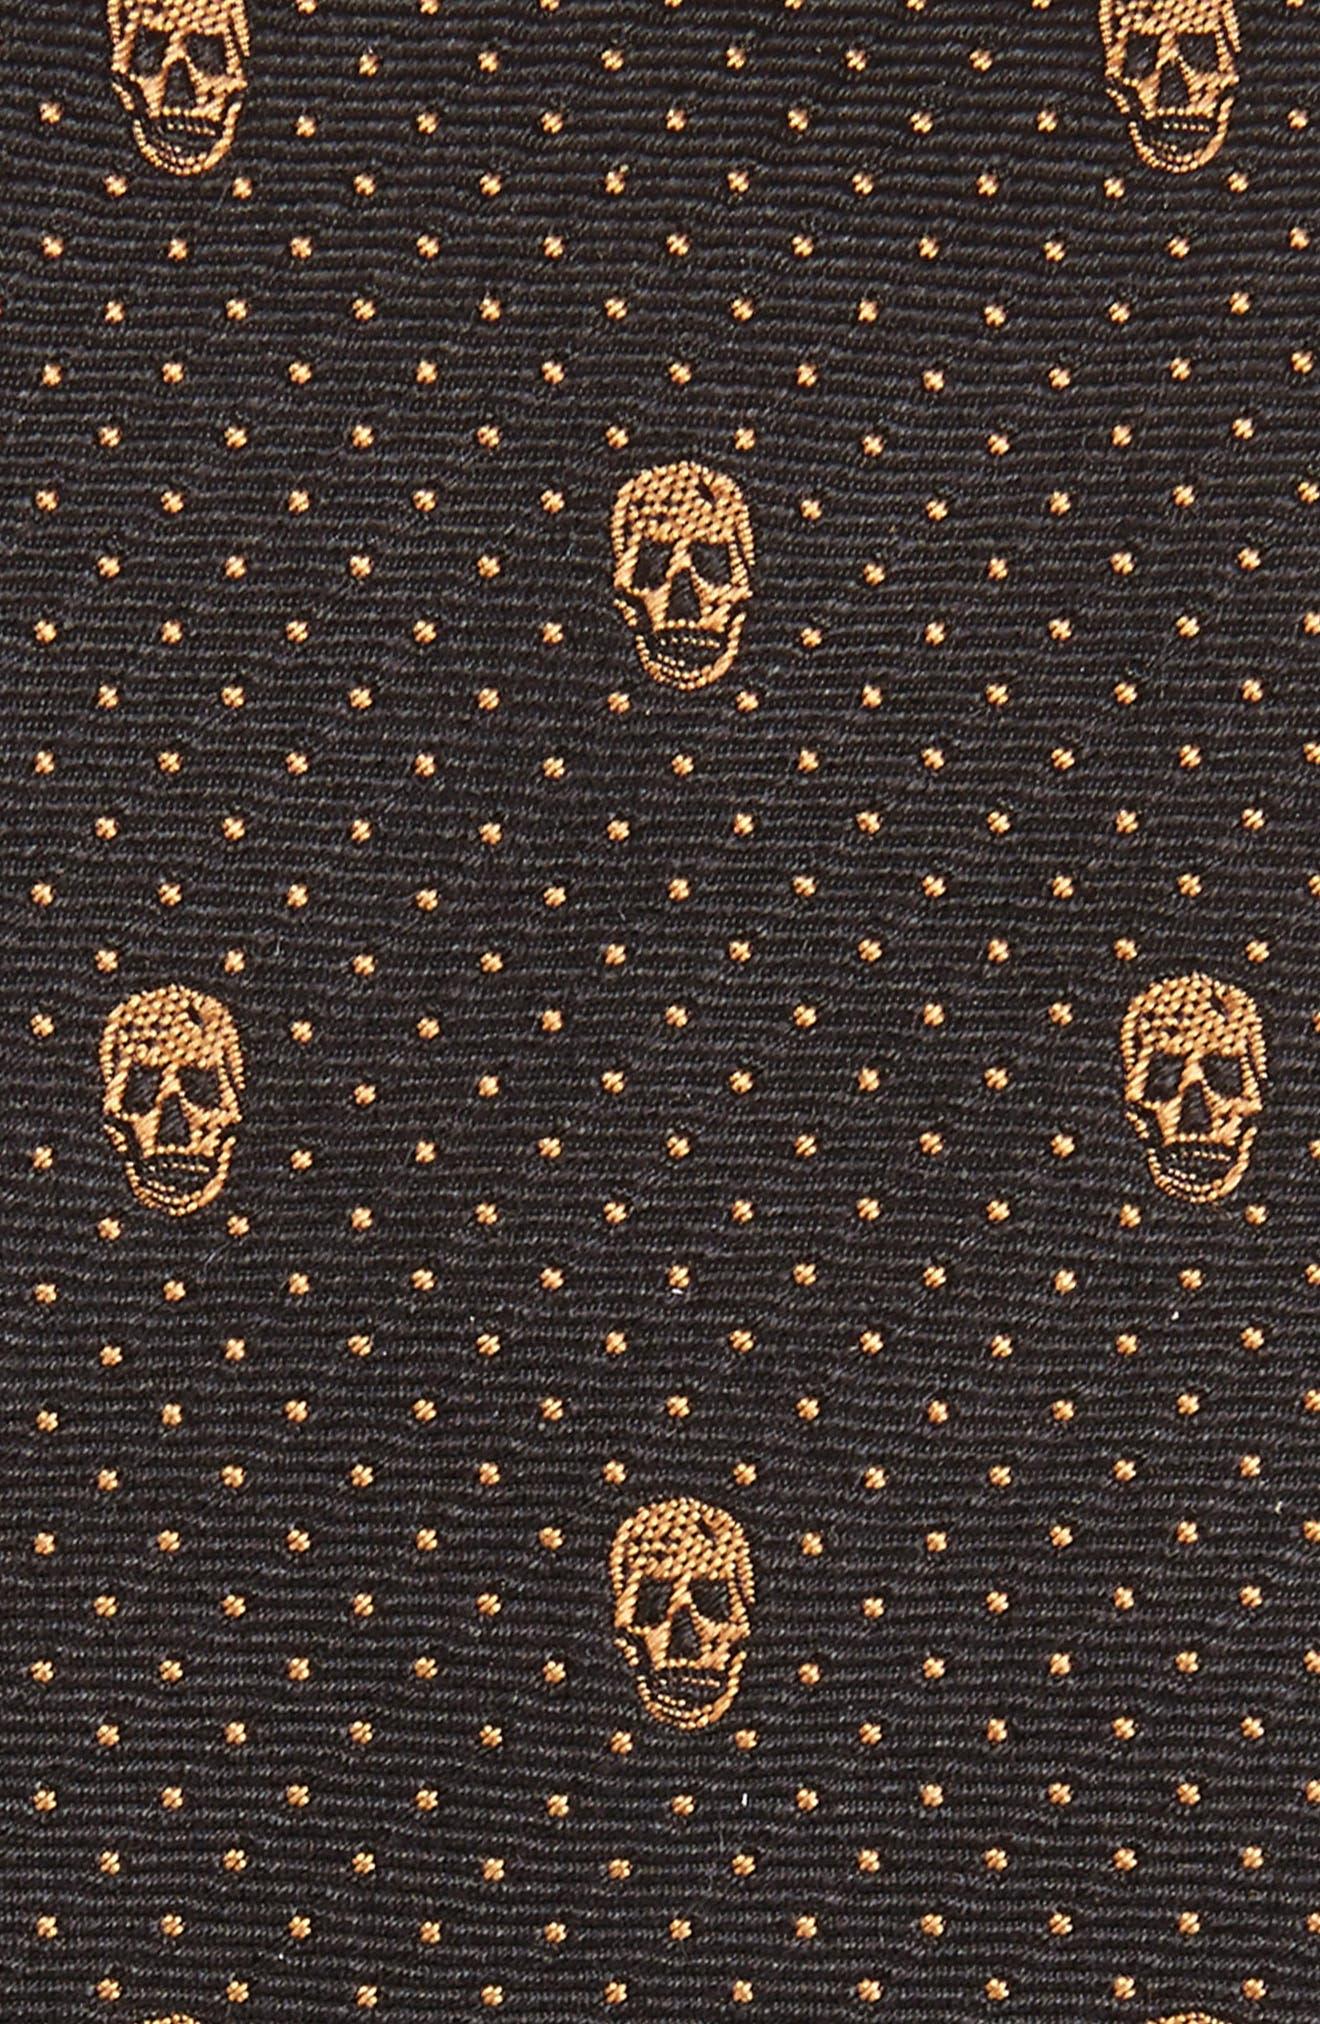 Skull Polka Dot Silk Skinny Tie,                             Alternate thumbnail 2, color,                             020